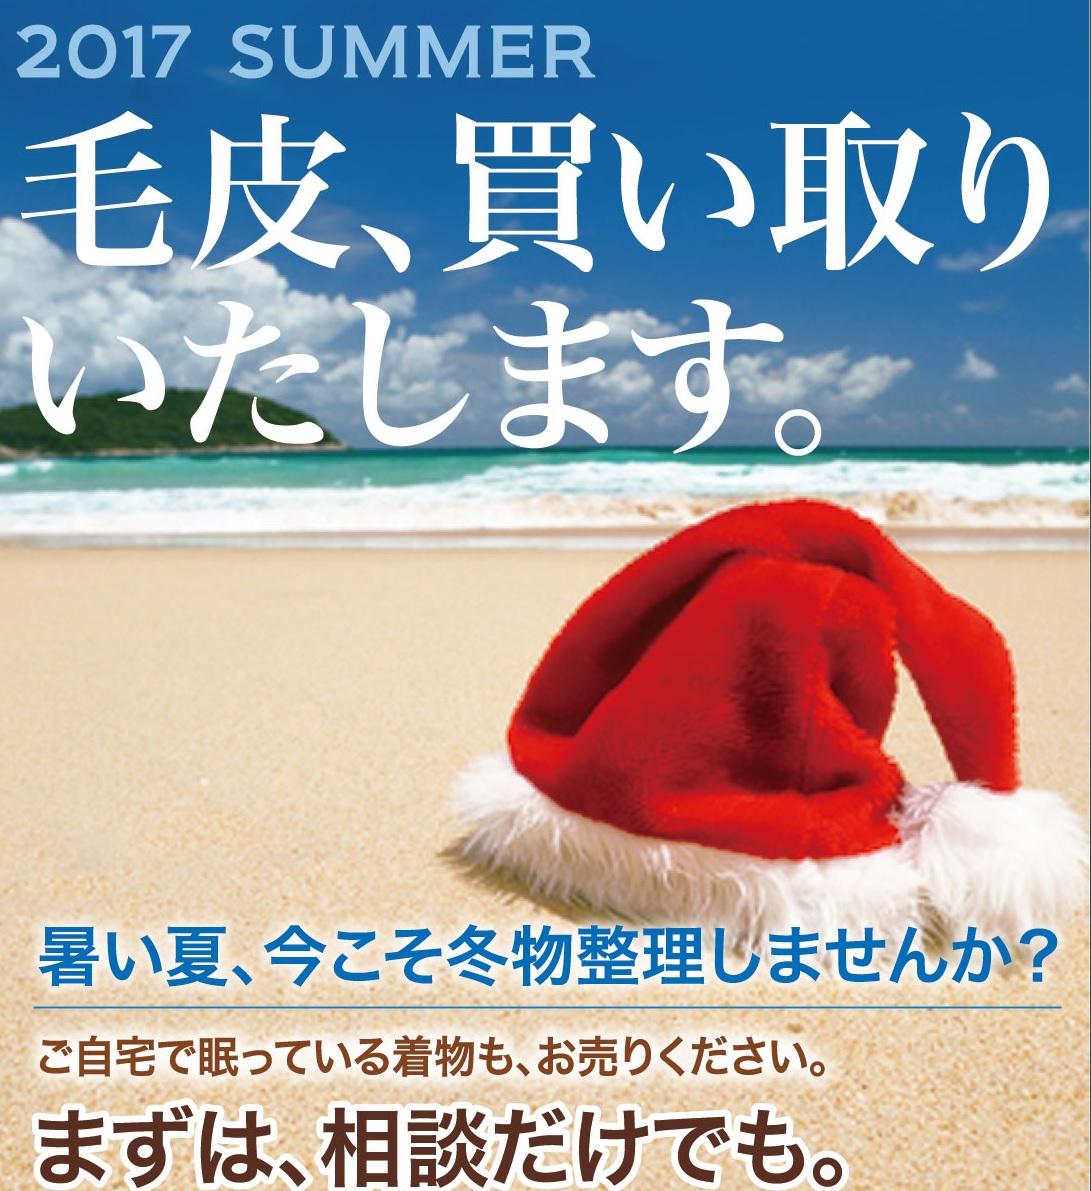 「暑い夏、今こそ冬物整理しませんか?」ぱど8/4号に広告を掲載。創業72年の経験でまじめに鑑定『質はしもと(有)橋本質店